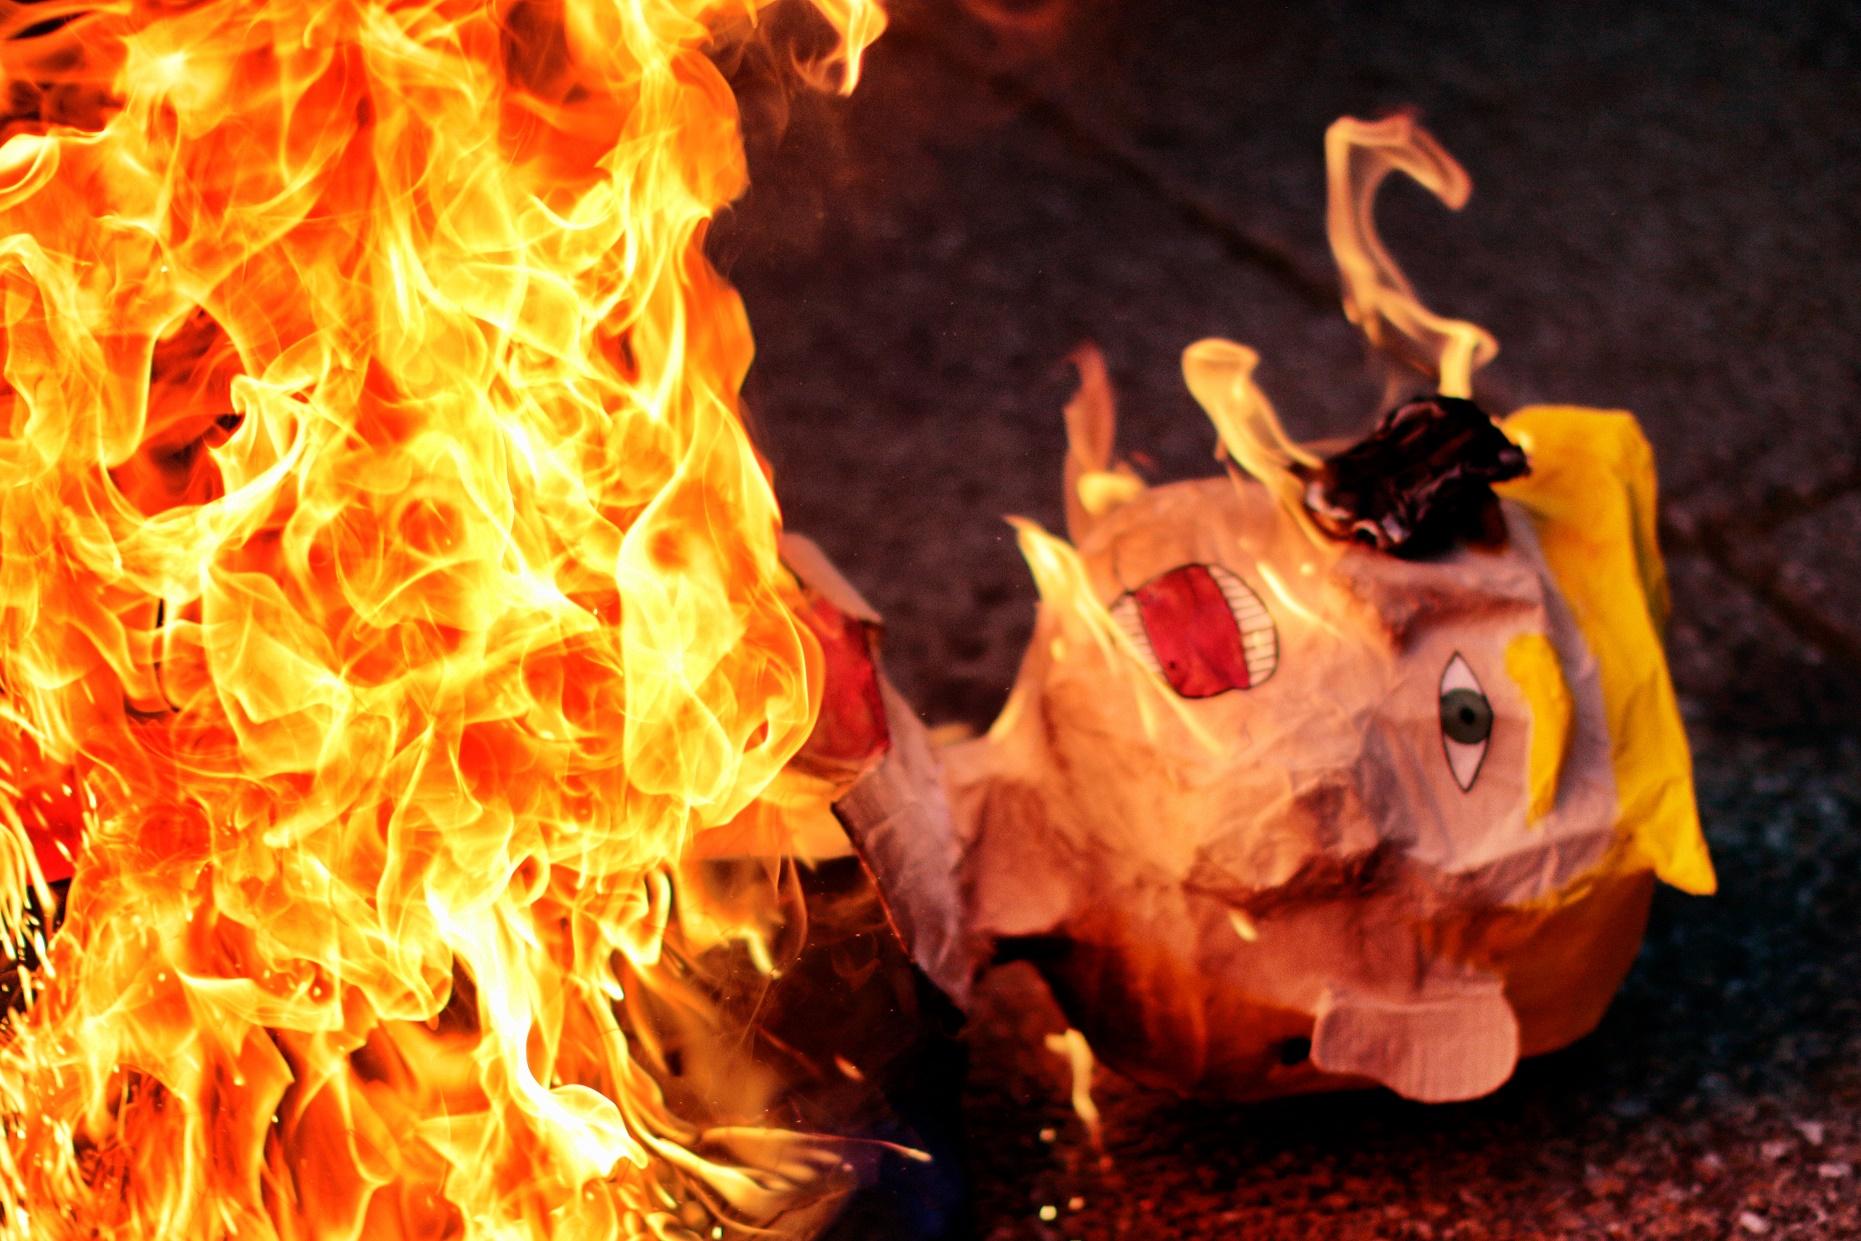 Boneco com a imagem de Trump é queimado no México em protesto contra a posse do presidente. Foto de Pedro Pardo